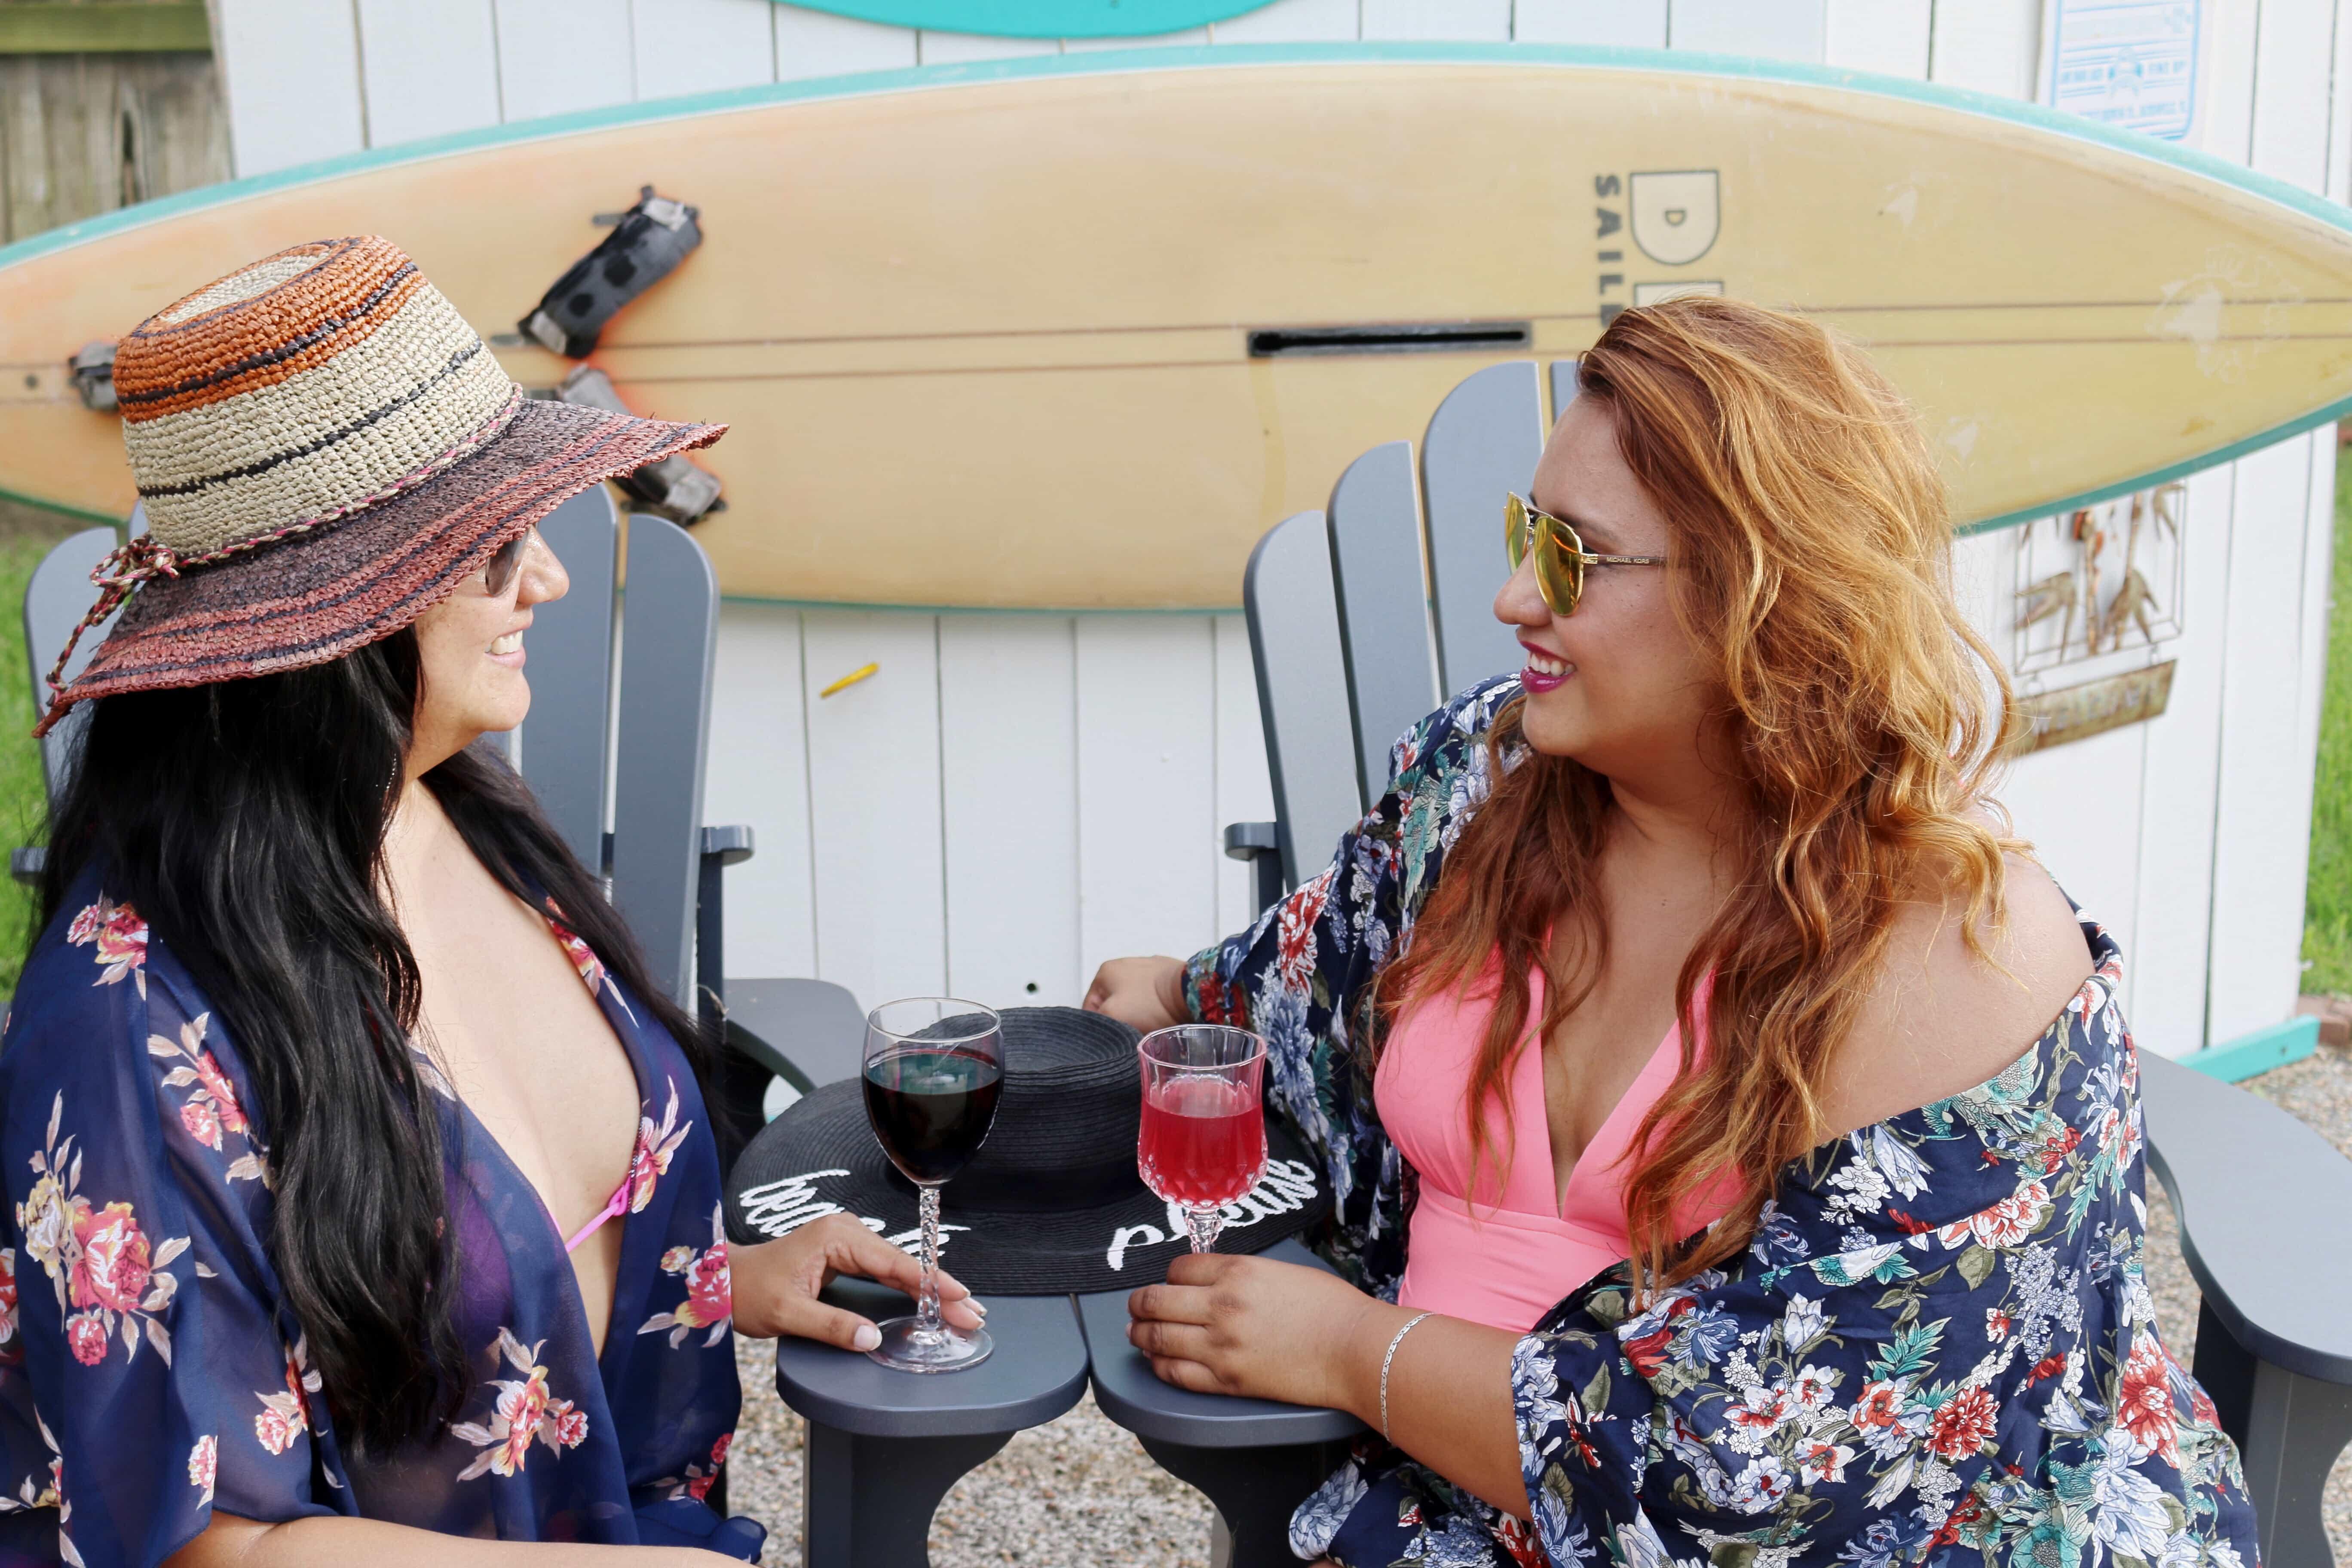 IMG 2945 - Sombreros de Verano que debes comprar ahora